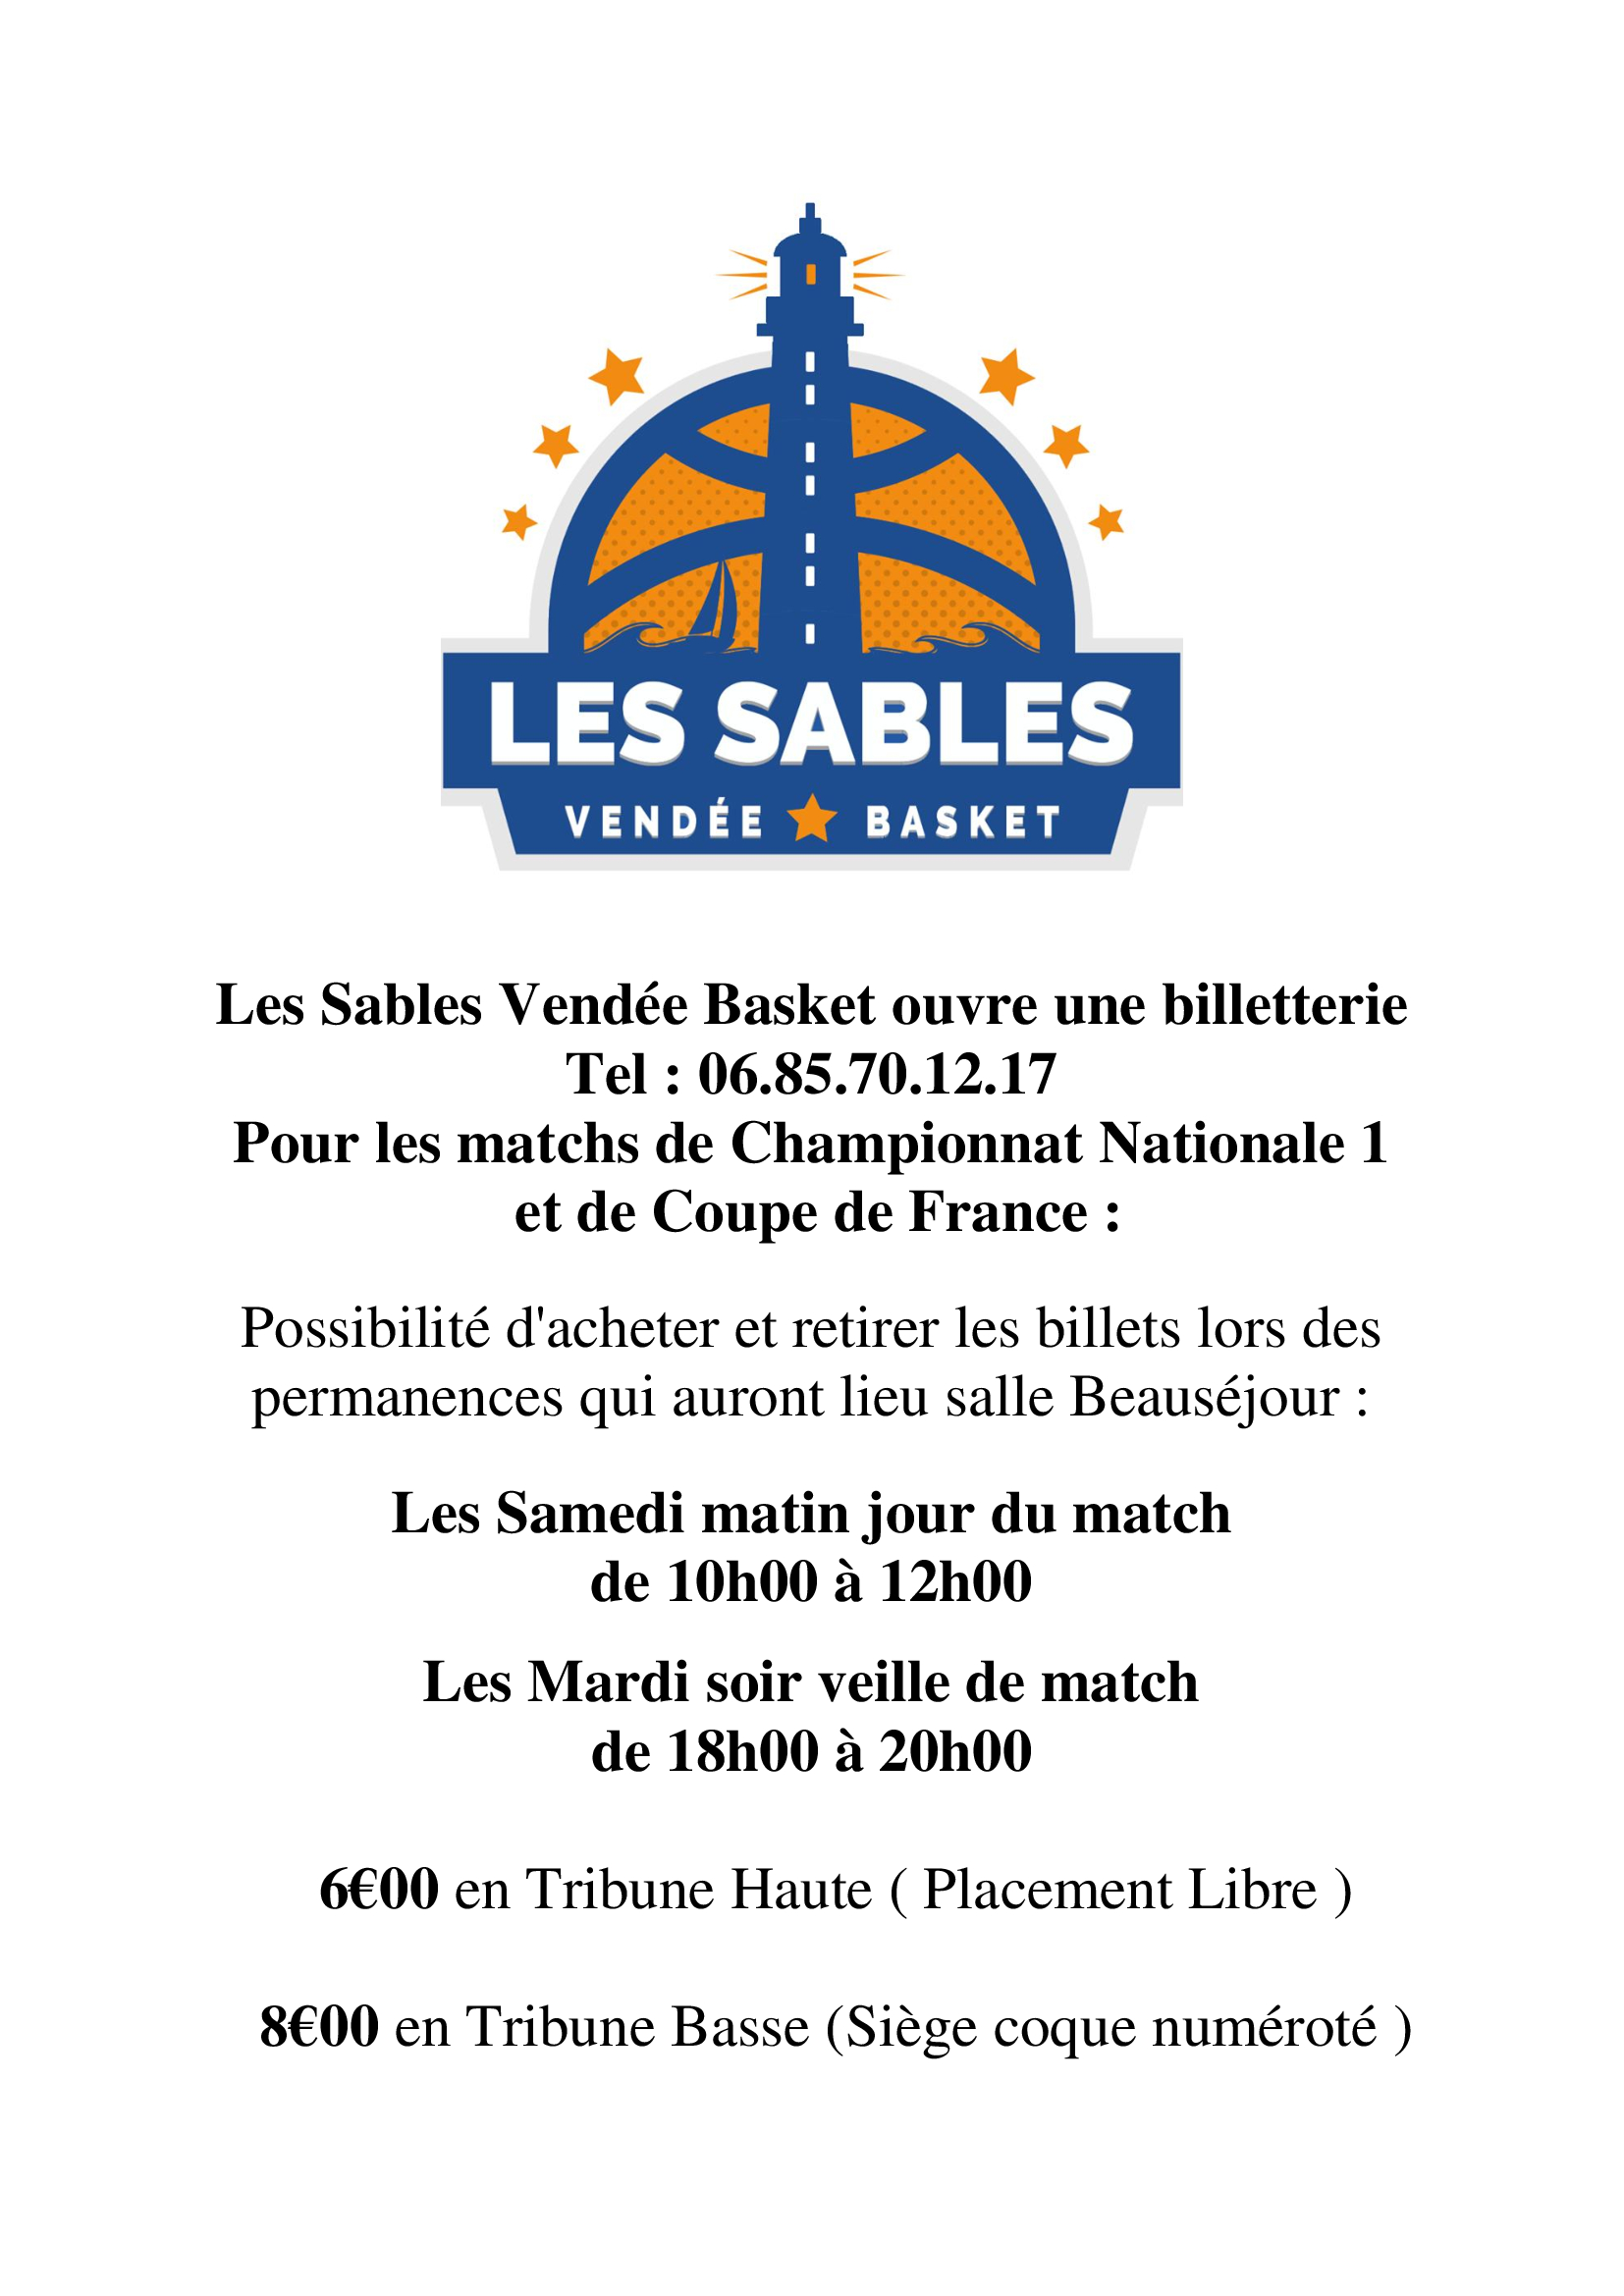 Les-Sables-Vendée-Basket-ouvre-une-bille